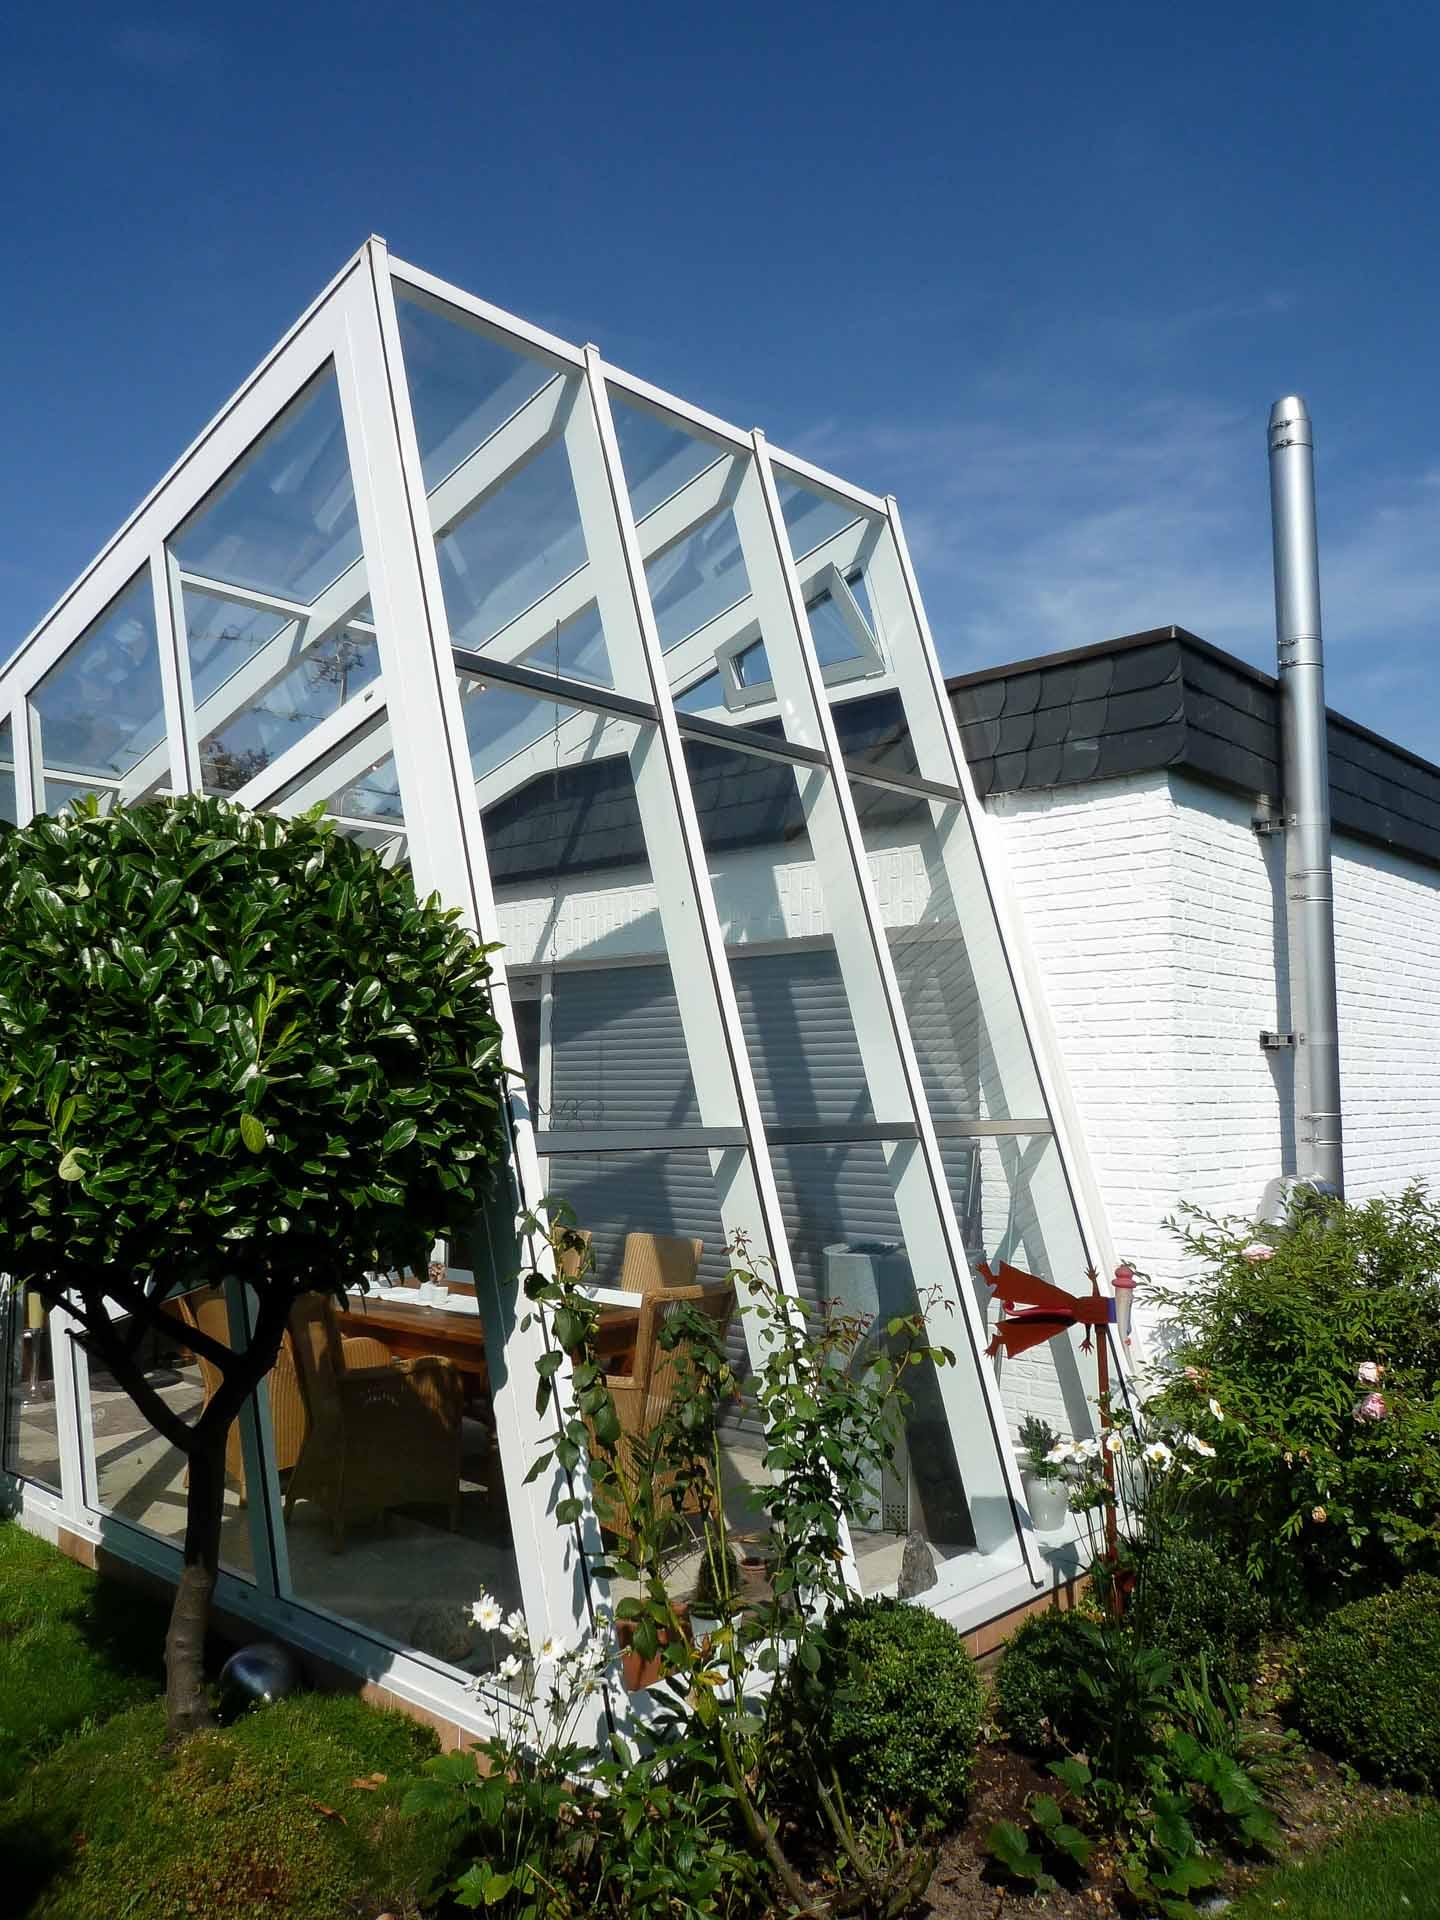 FineArt Wintergarten in Kaarst (Objekt 1093). Aluminium ist ein leichter Werkstoff. Durch eine spezielle Schweißtechnik wird er besonders stabil. Ausgefallene Konstruktionen lassen sich somit problemlos realisieren.